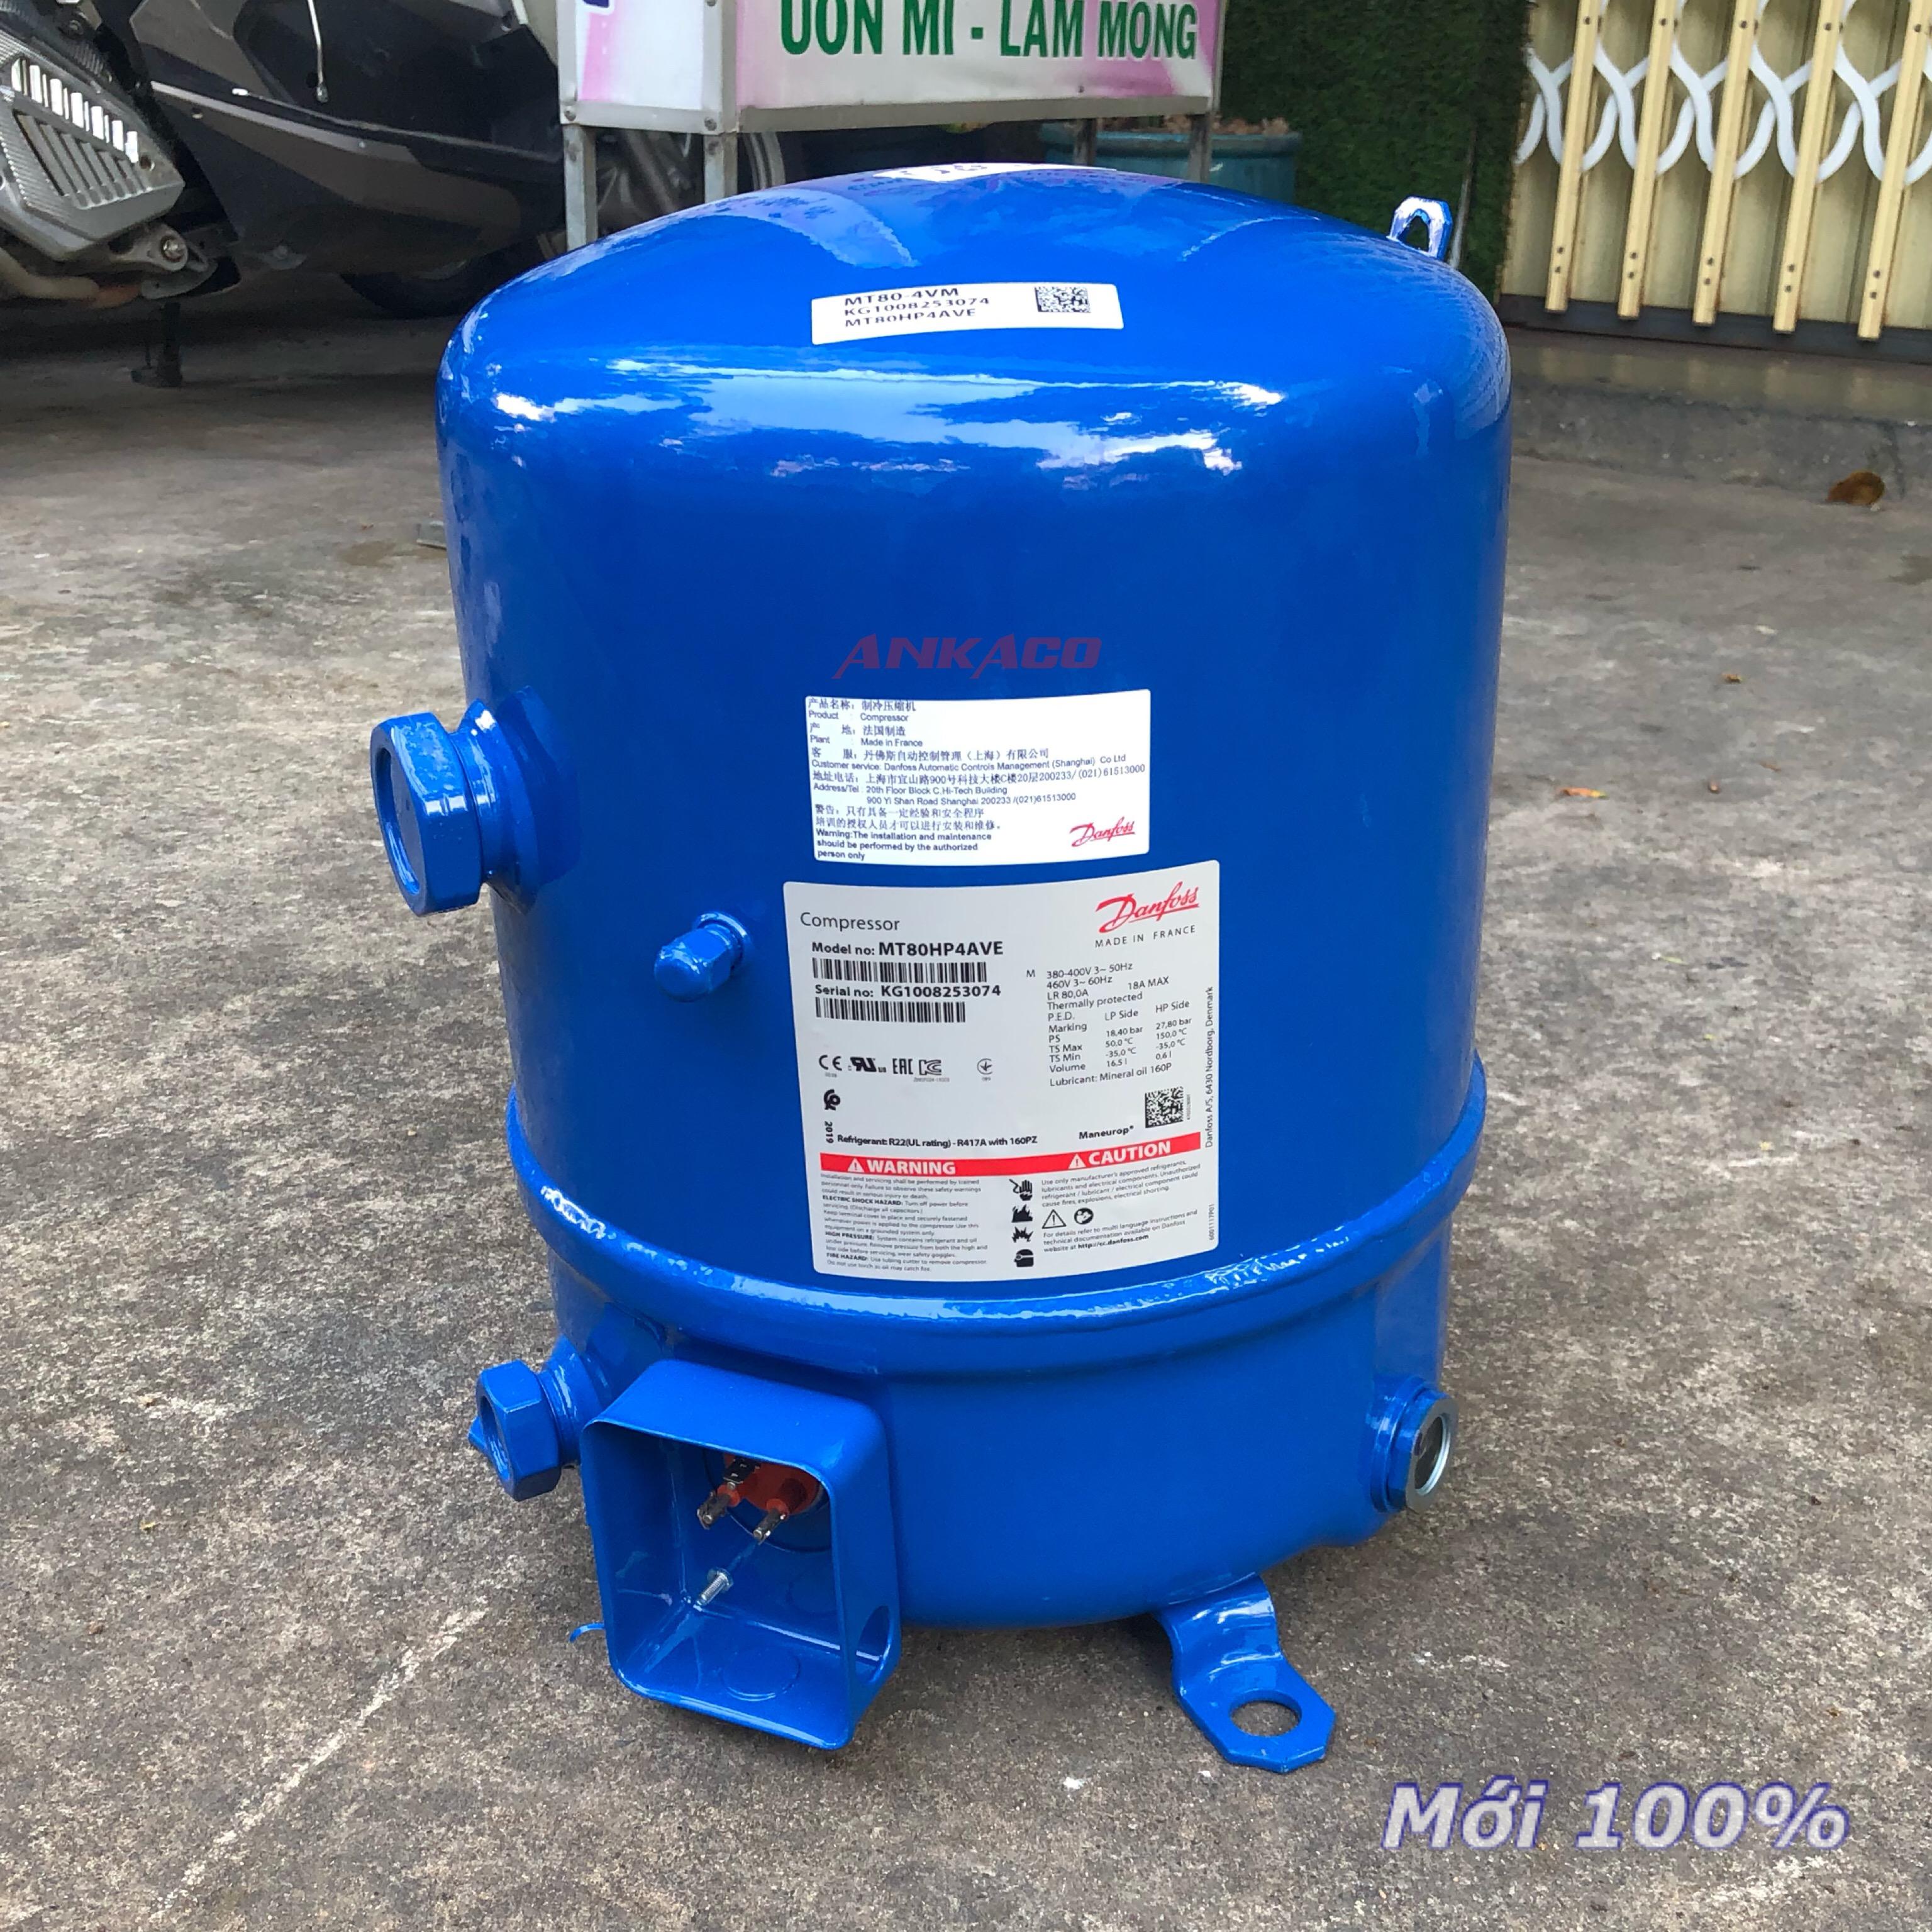 Nơi uy tín cung cấp máy nén lạnh  Danfoss 7 hp MT80HP4AVE hàng mới 100%, giao hàng nhanh